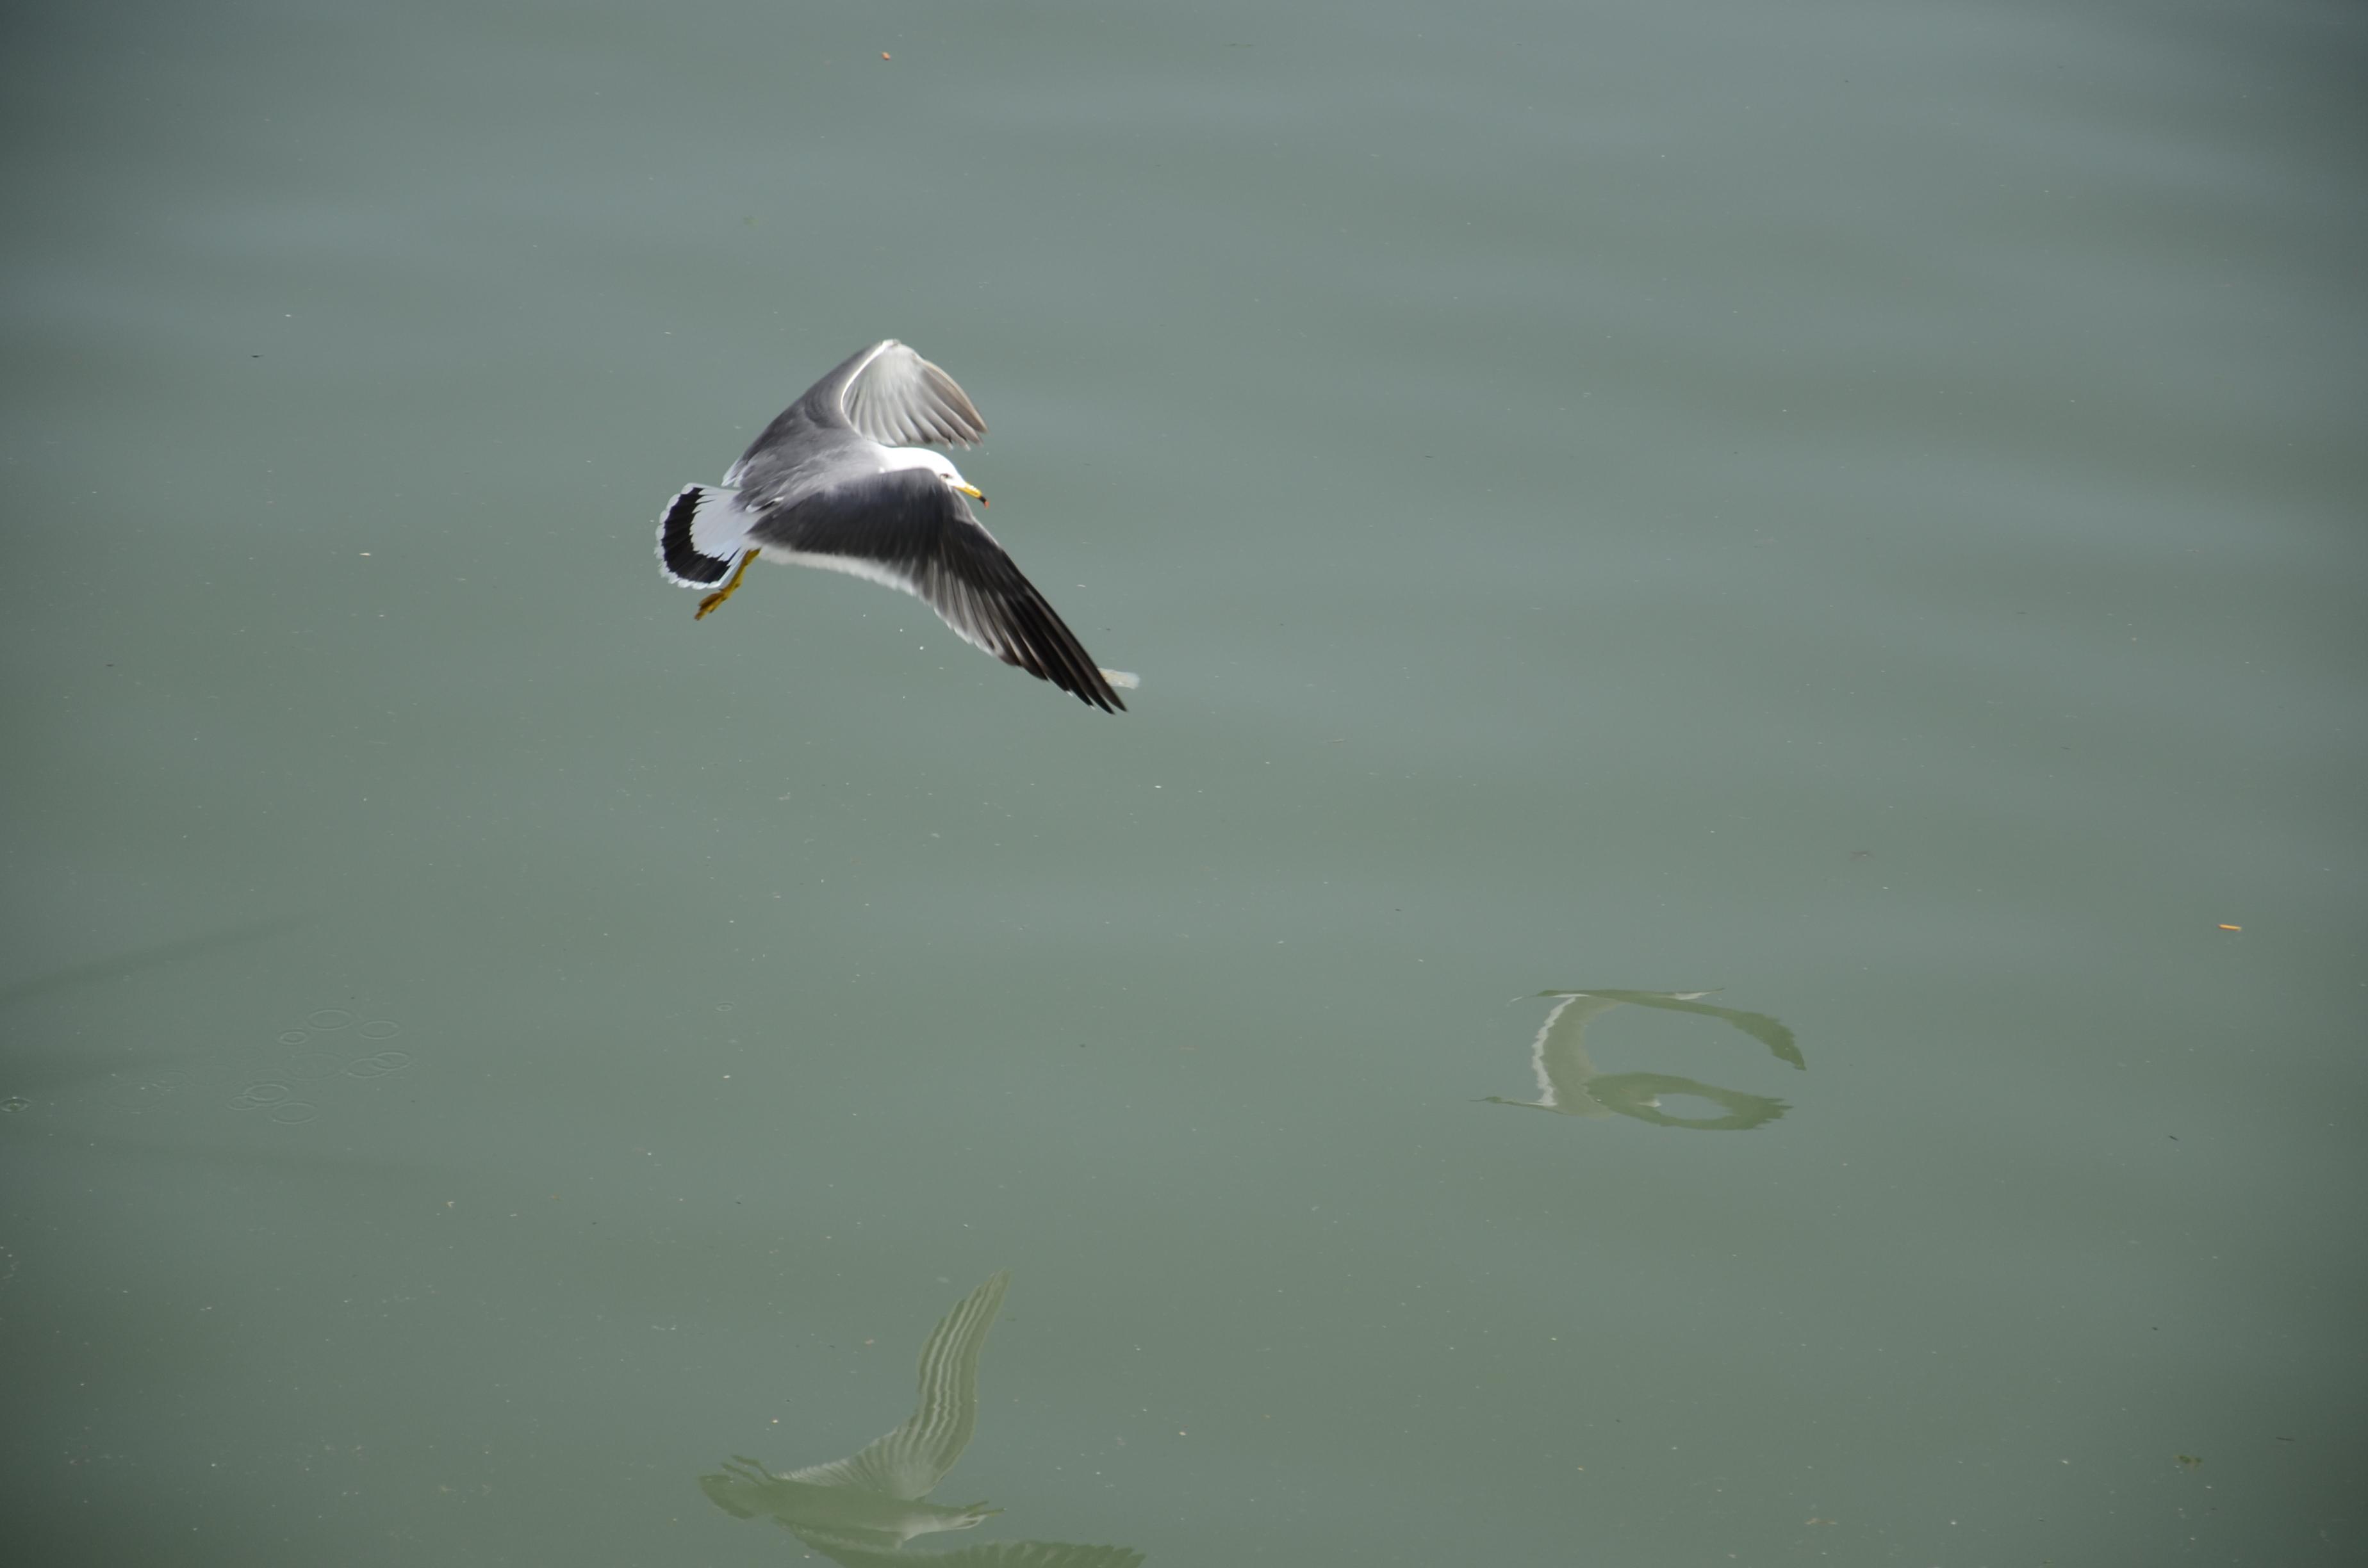 看看这水,小时候它们可都是清澈见底啊